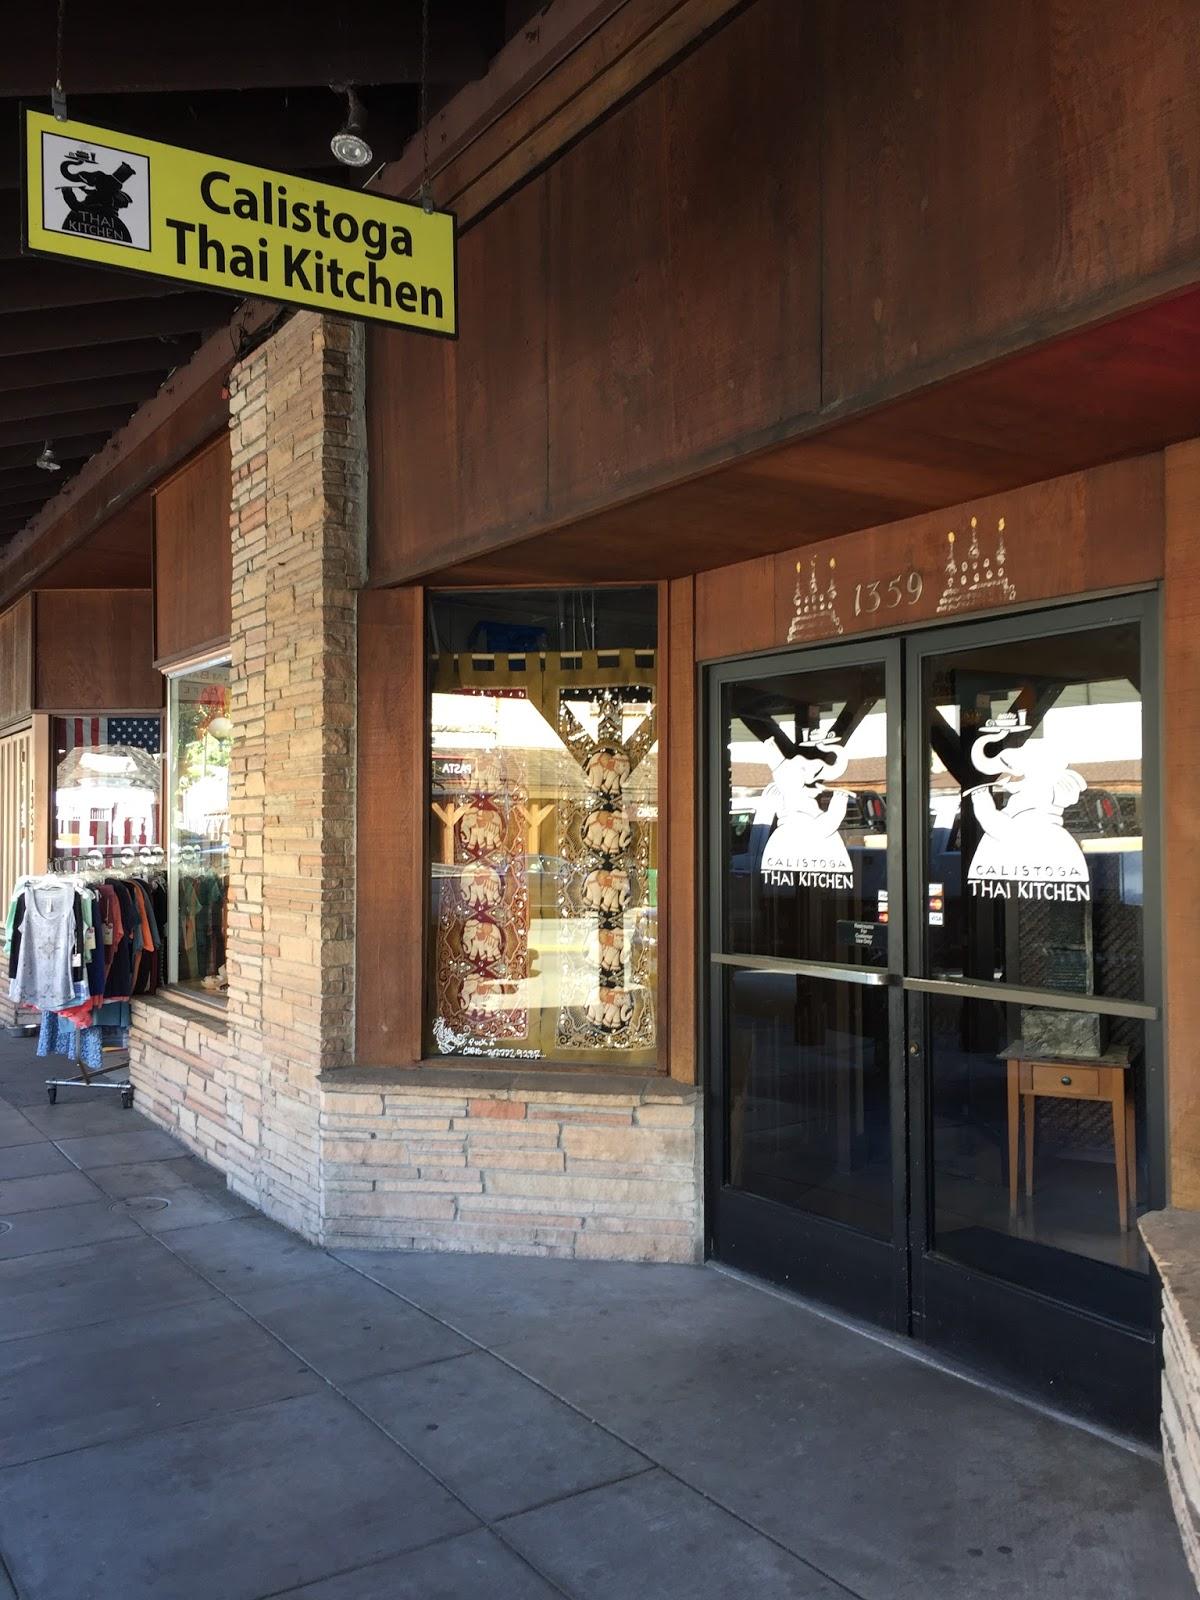 フード ワインの日々 ナパ グルメ タイ料理 Calistoga Thai Kitchen カリストガ タイ キッチン